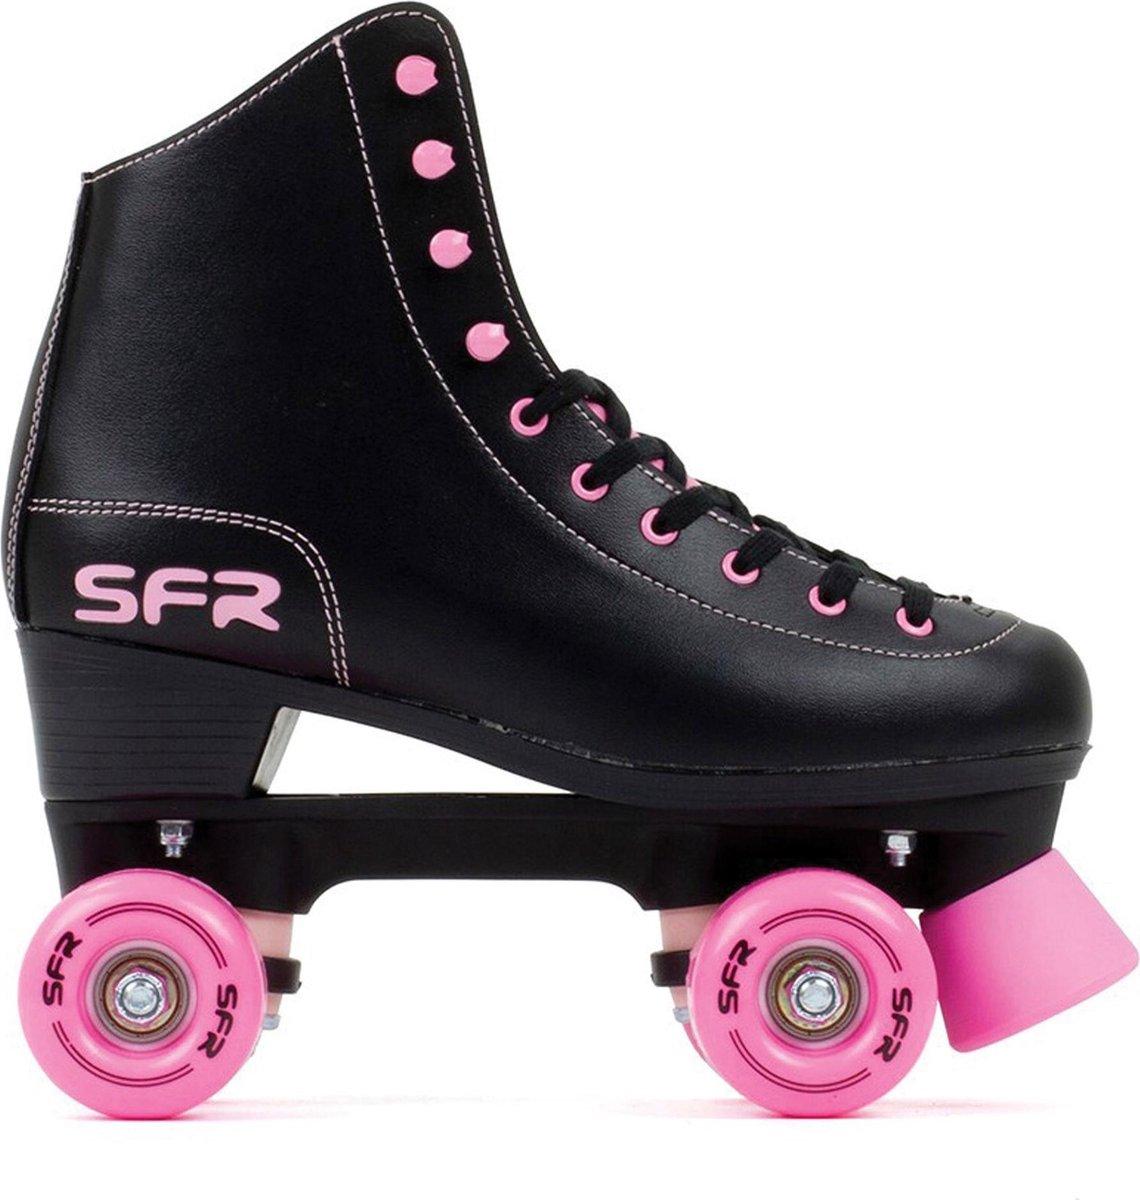 SFR Rolschaatsen - Maat 37Kinderen - Zwart/Roze